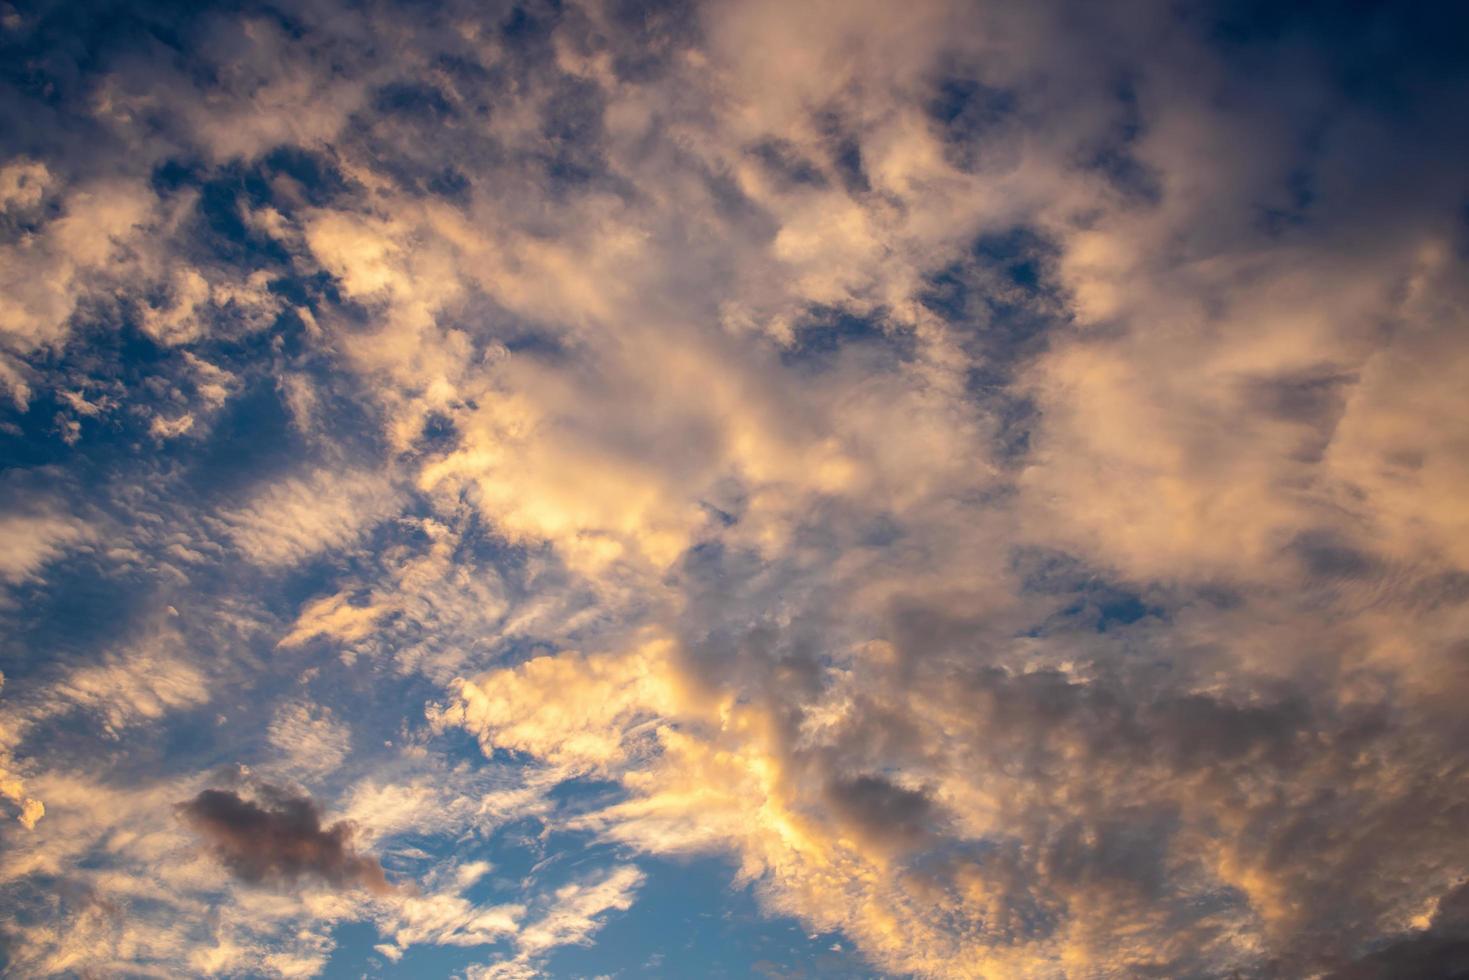 cielo dell'ora d'oro foto